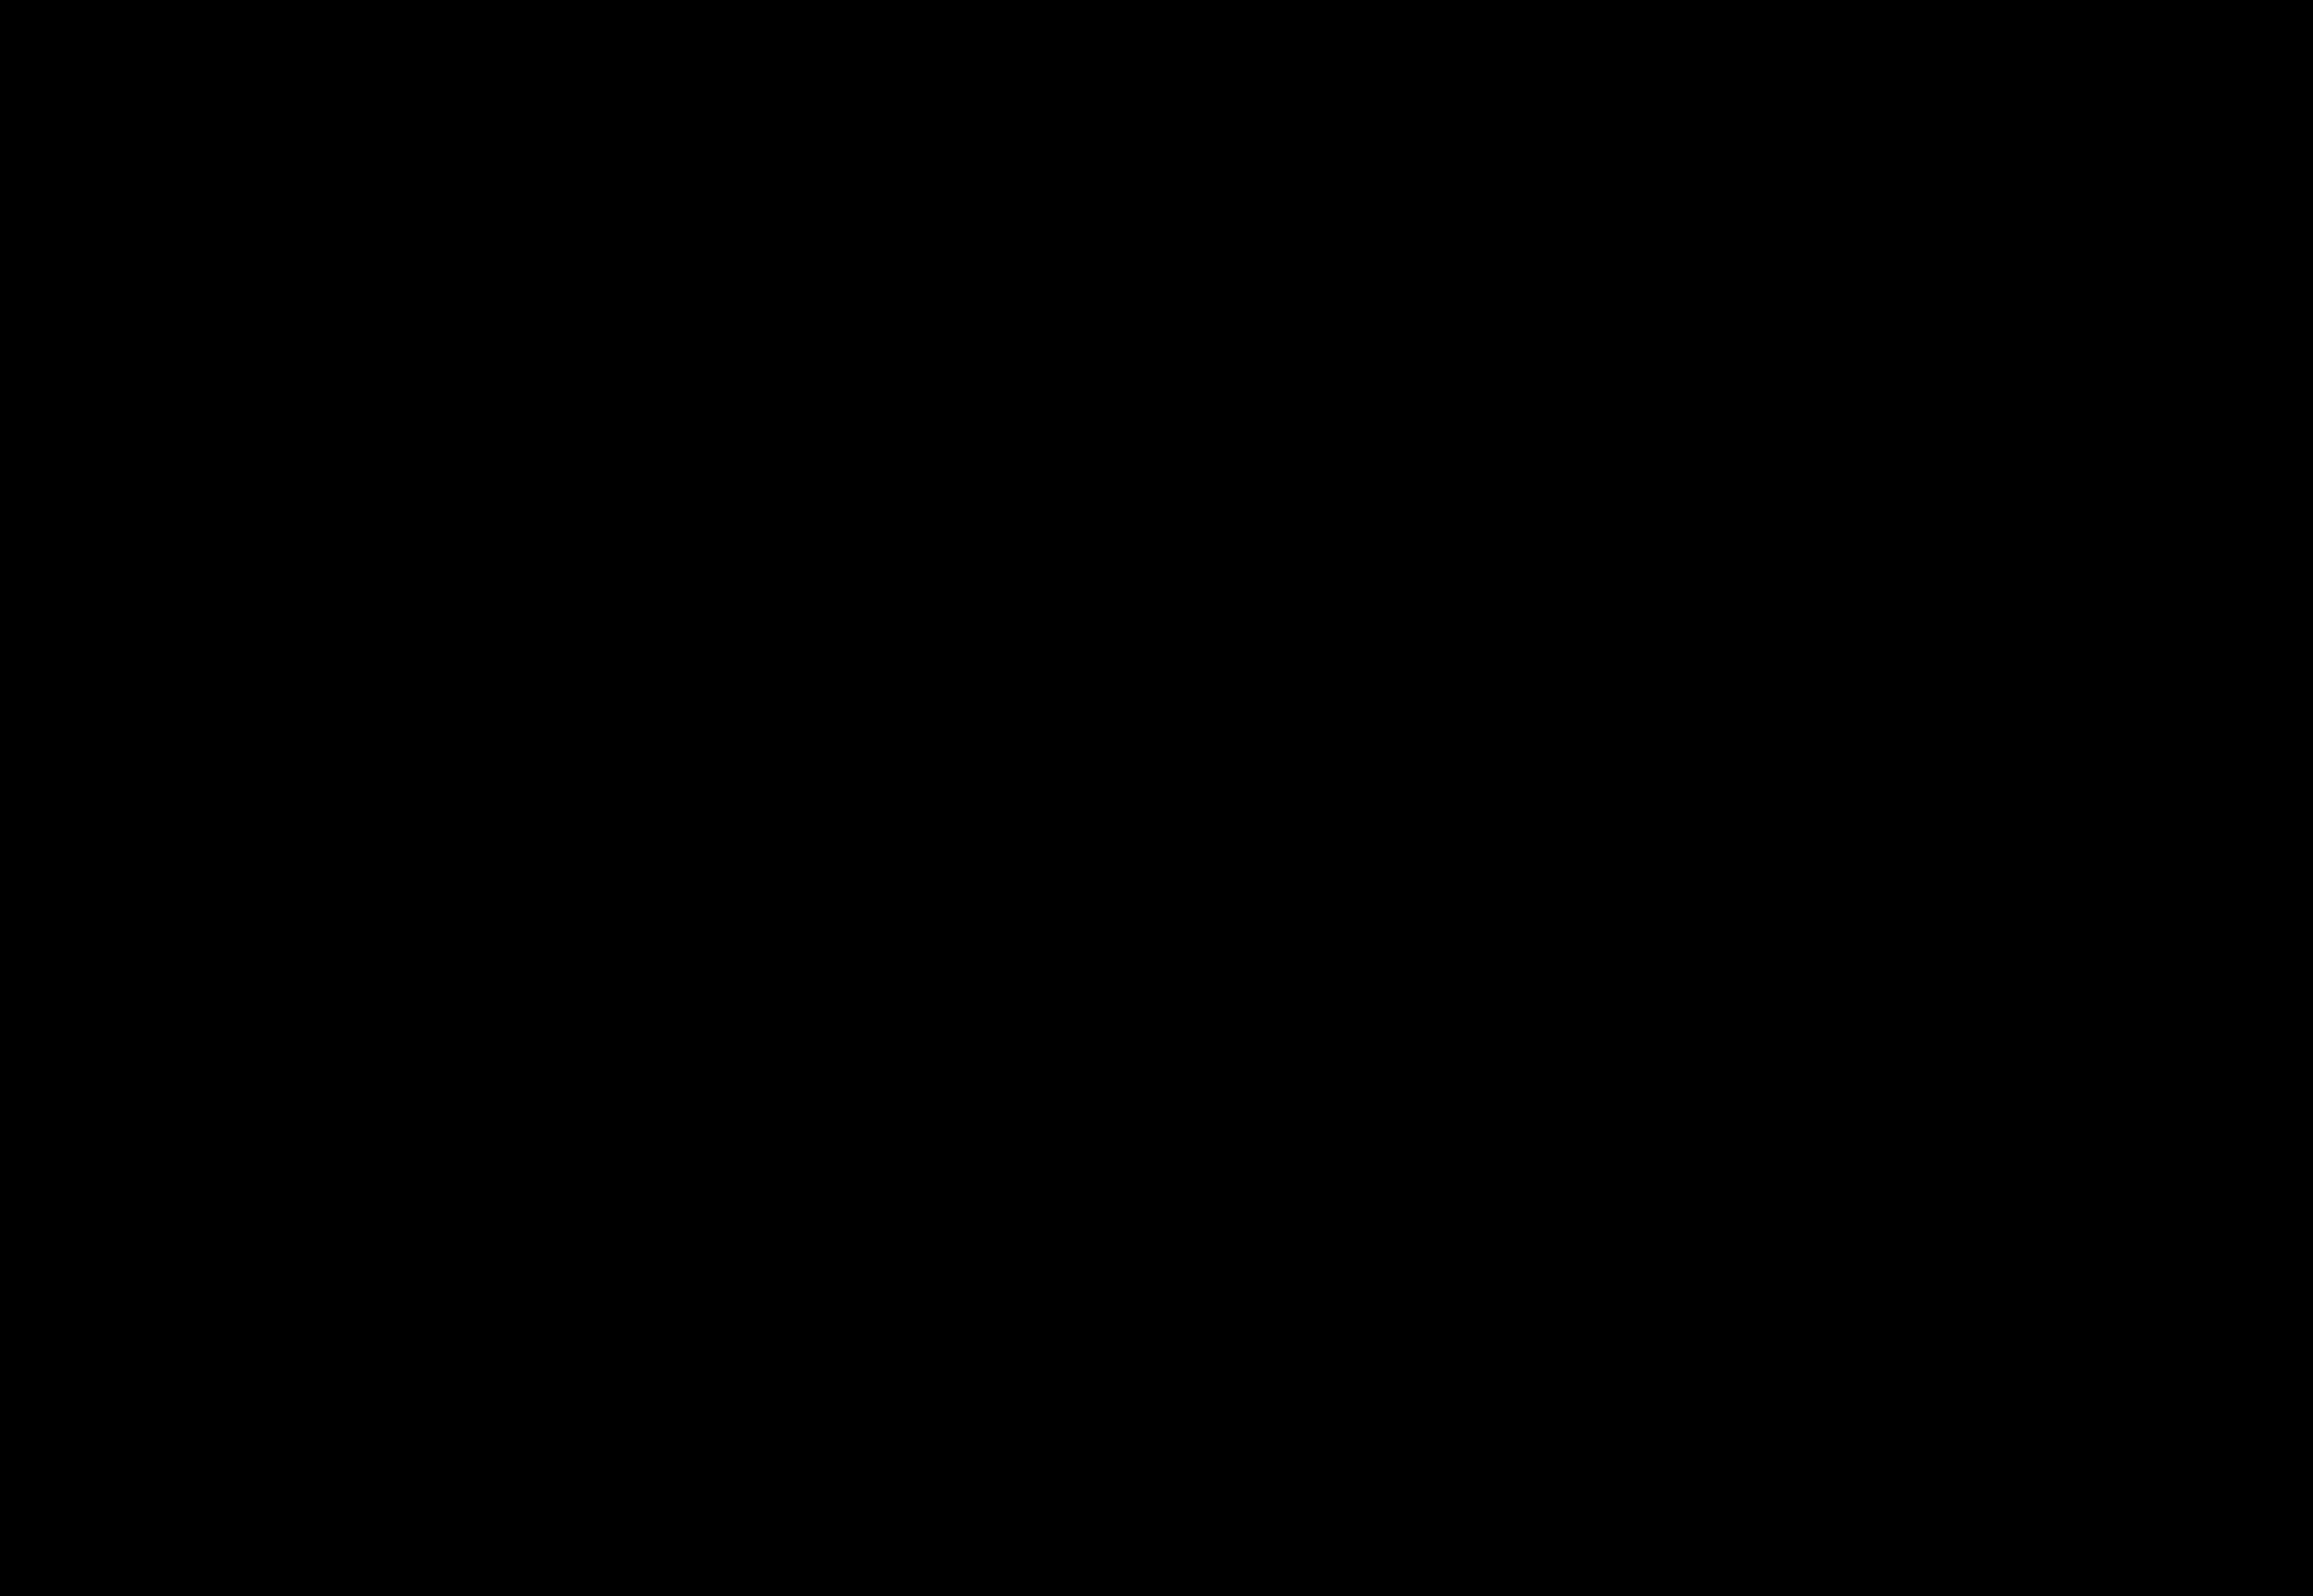 Fort Parker State Park - Planting Plan for Entrance Portal - SP.44_074